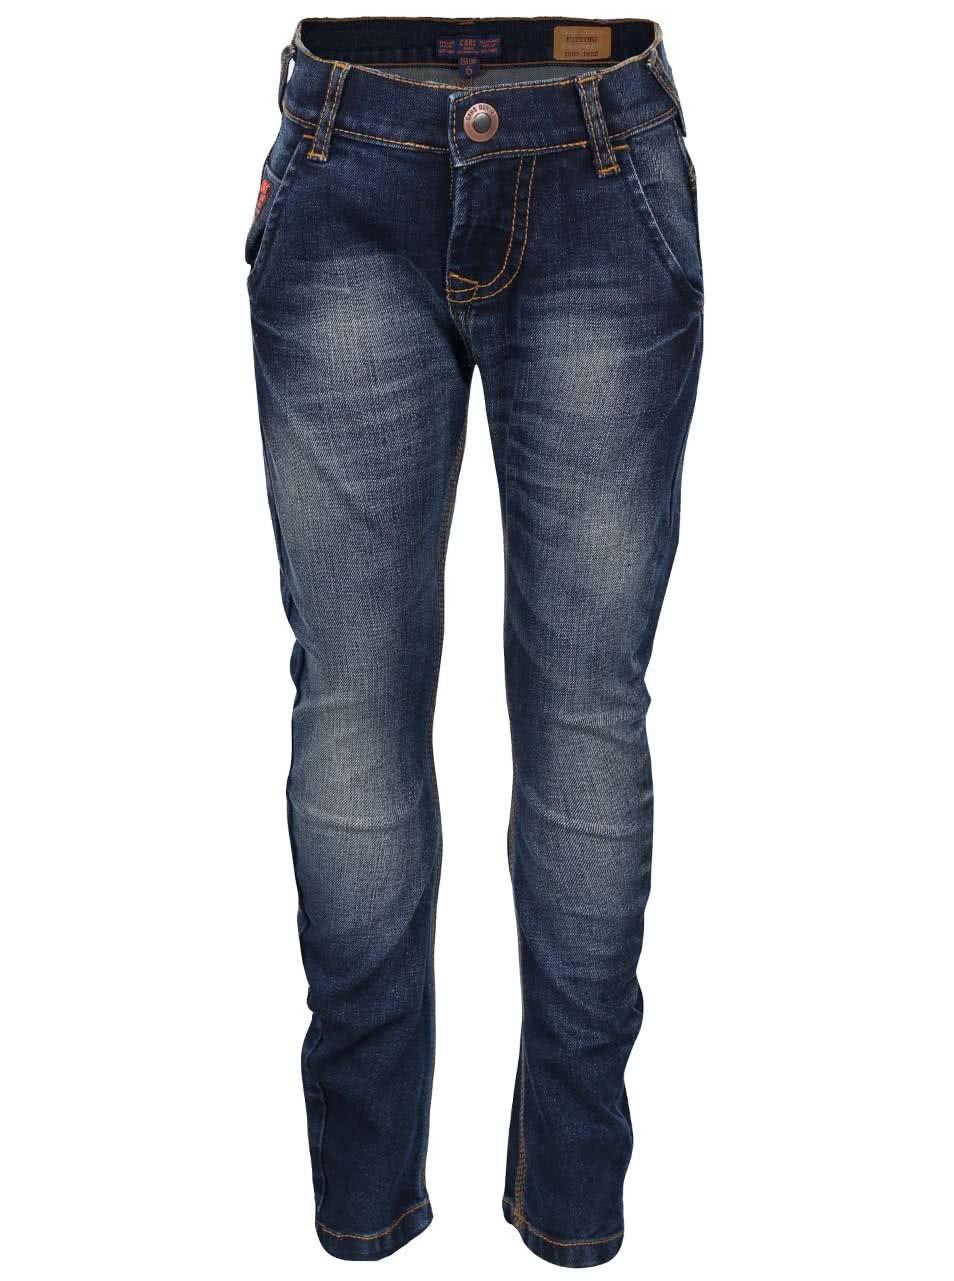 Tmavě modré klučičí džíny s vyšisovaným efektem Cars Jeans Salva